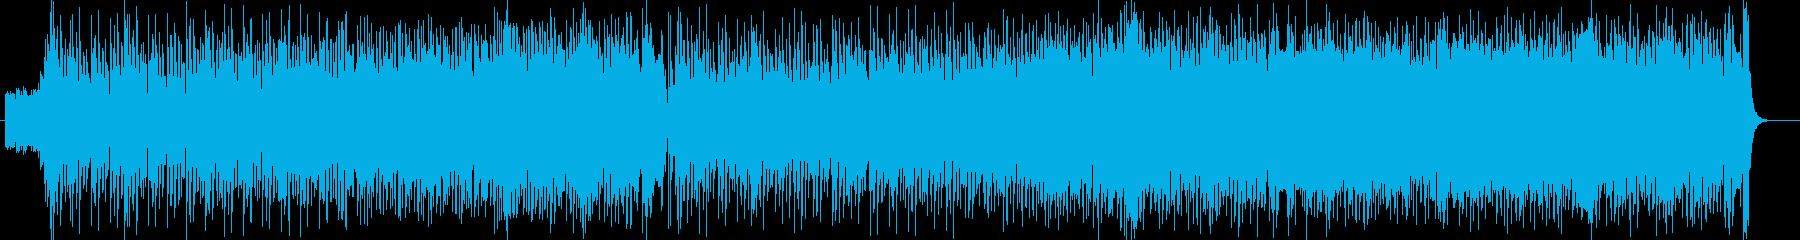 エネルギッシュなパワーあふれるロックの再生済みの波形